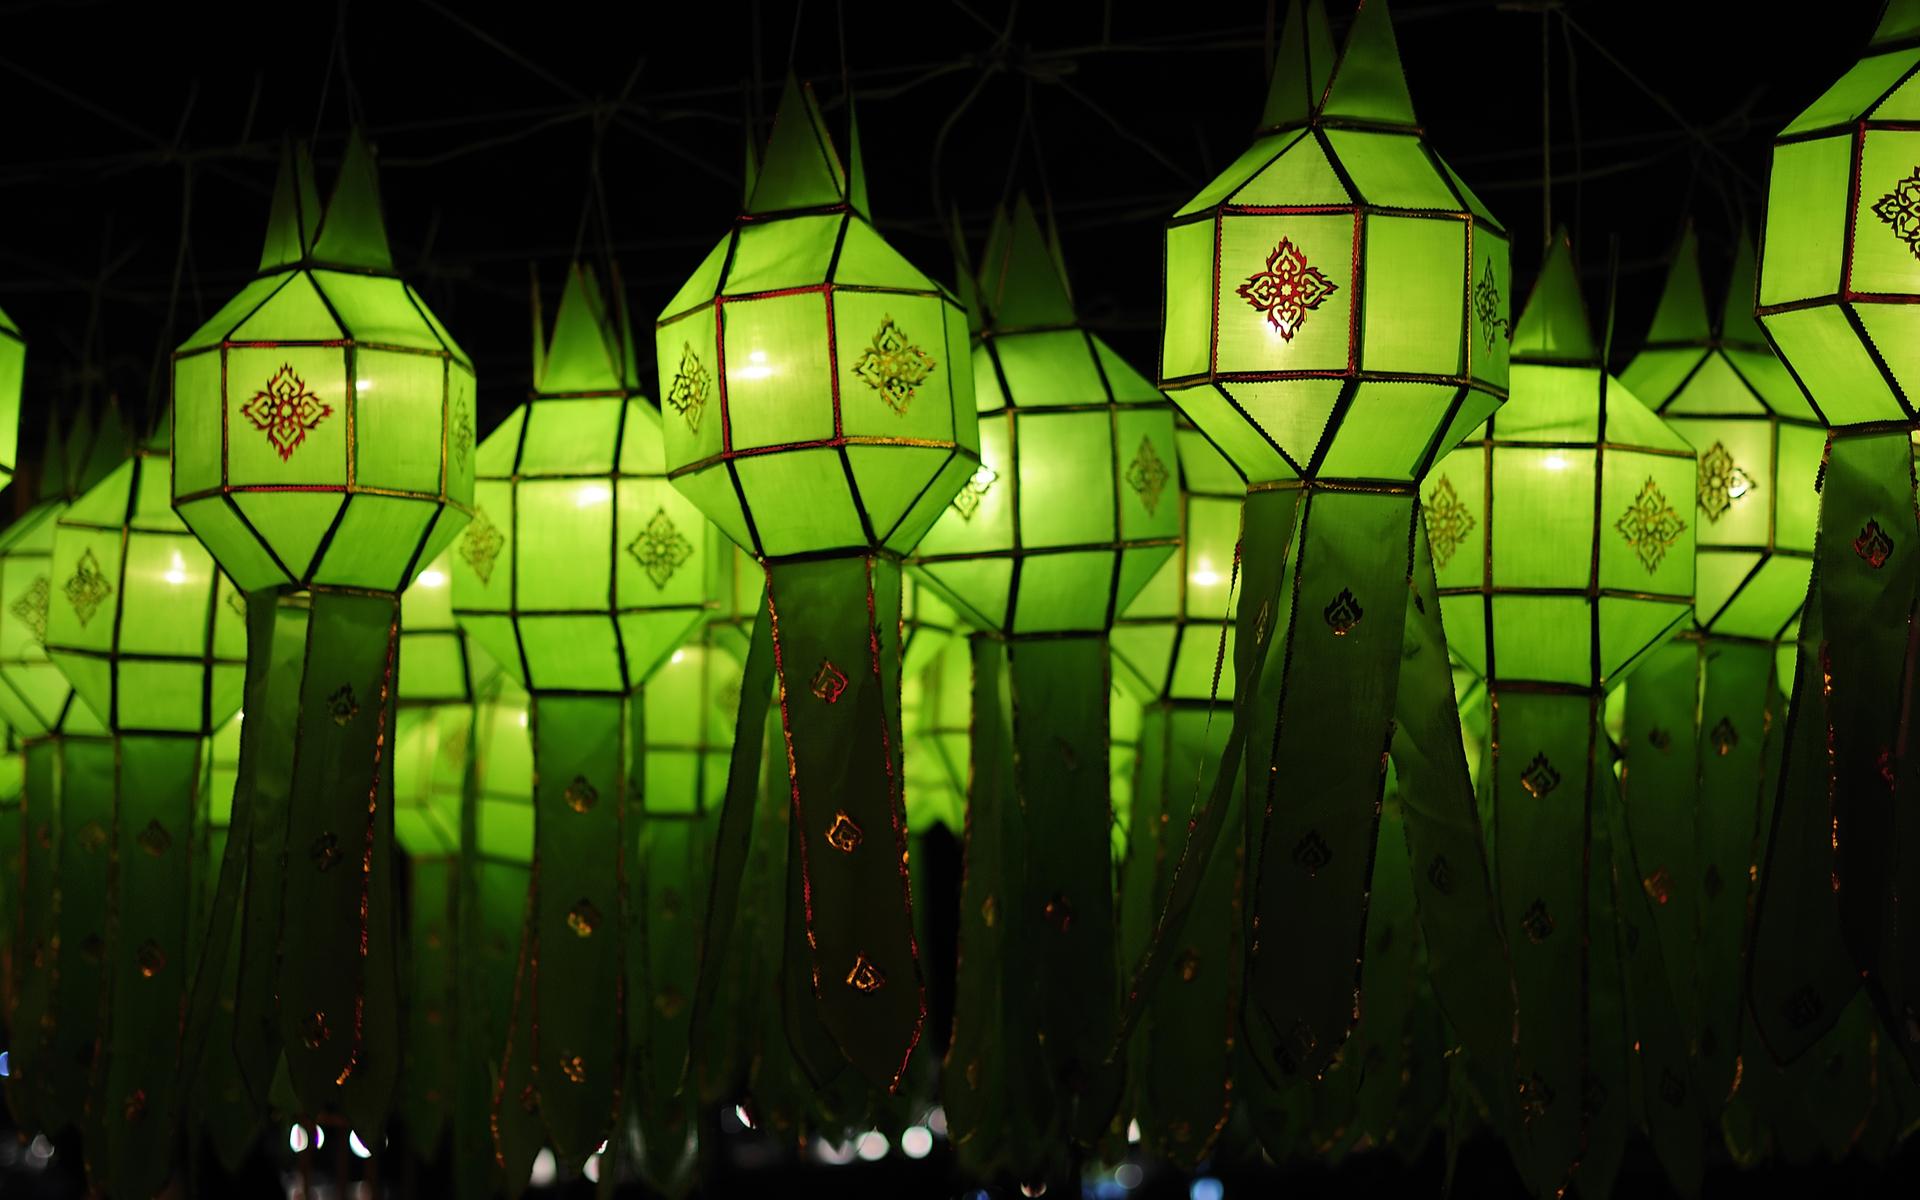 thailand green light